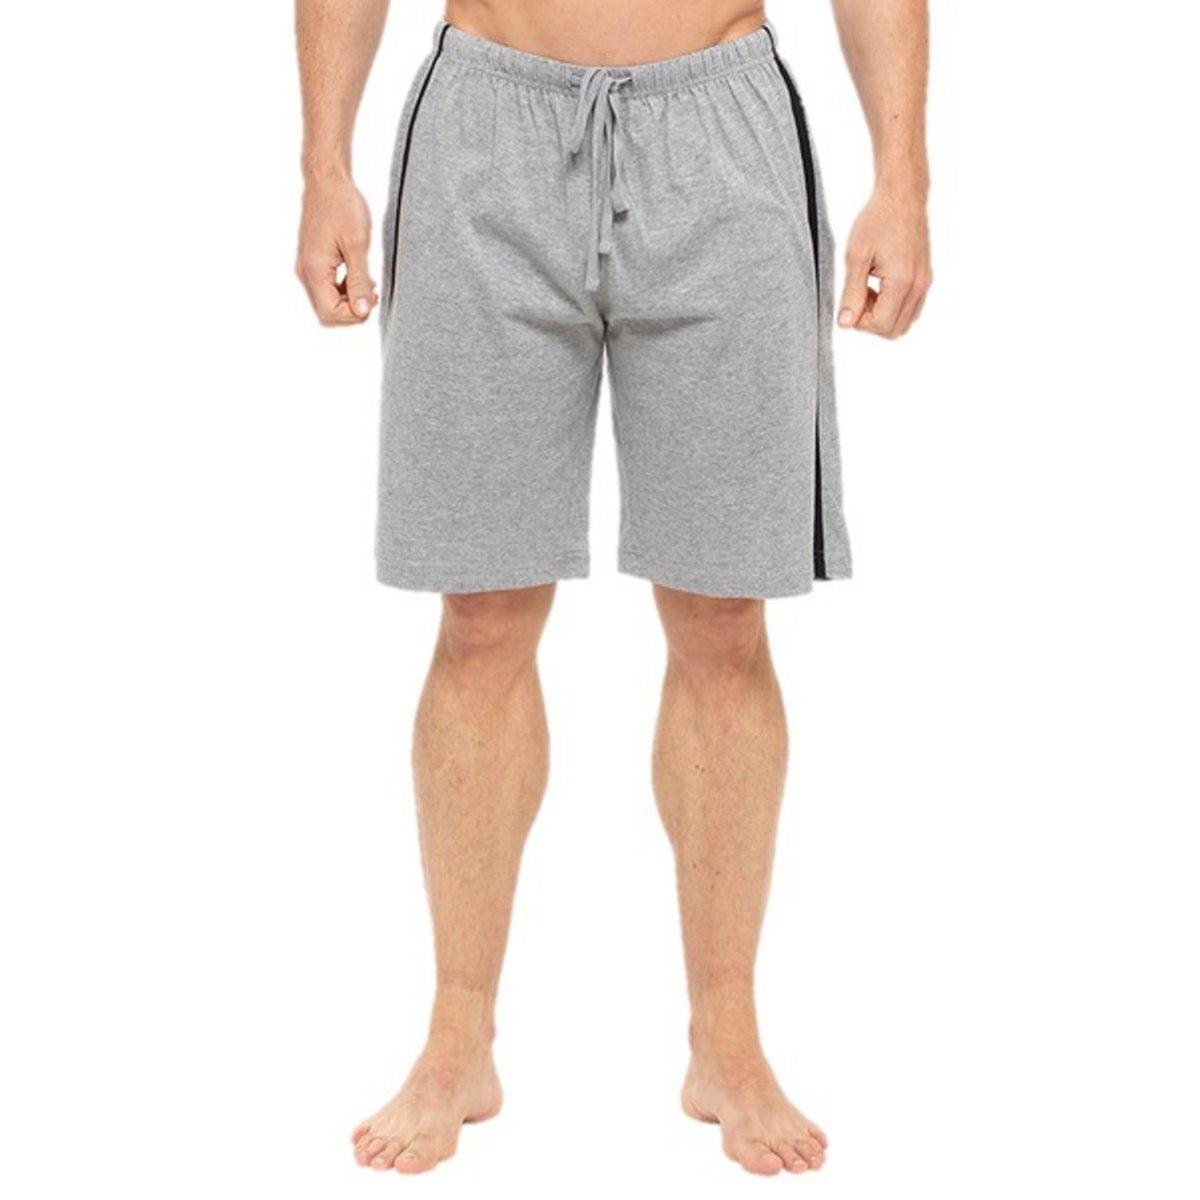 Mens Boys Grey Shorts Twin Pack Lounge Jersey PJs Nightwear Sleepwear Medium